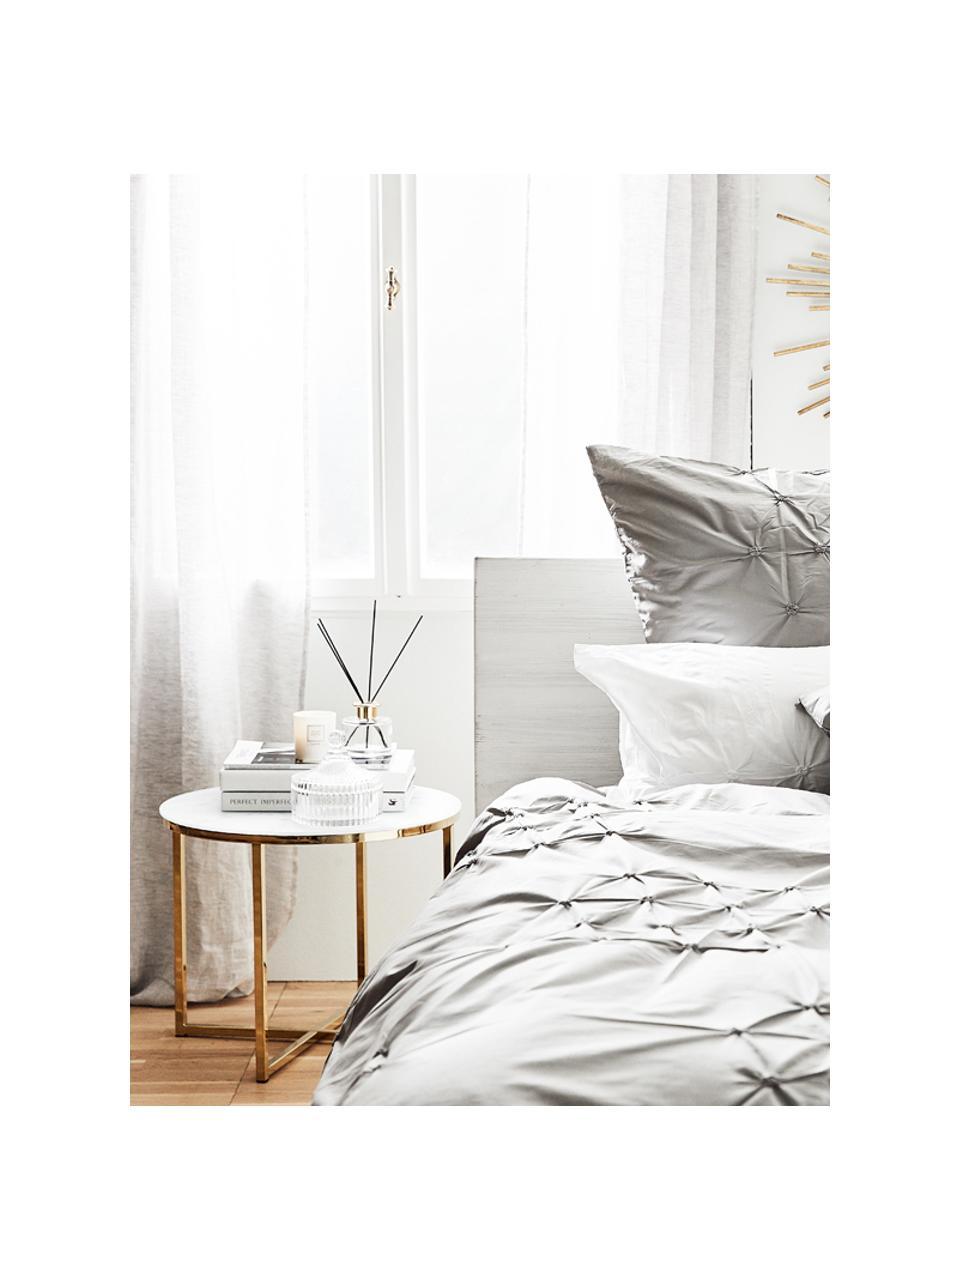 Stolik pomocniczy ze szklanym blatem Antigua, Blat: szkło, matowy nadruk, Stelaż: stal, mosiądzowany, Biały, mosiądz, Ø 50 x W 42 cm